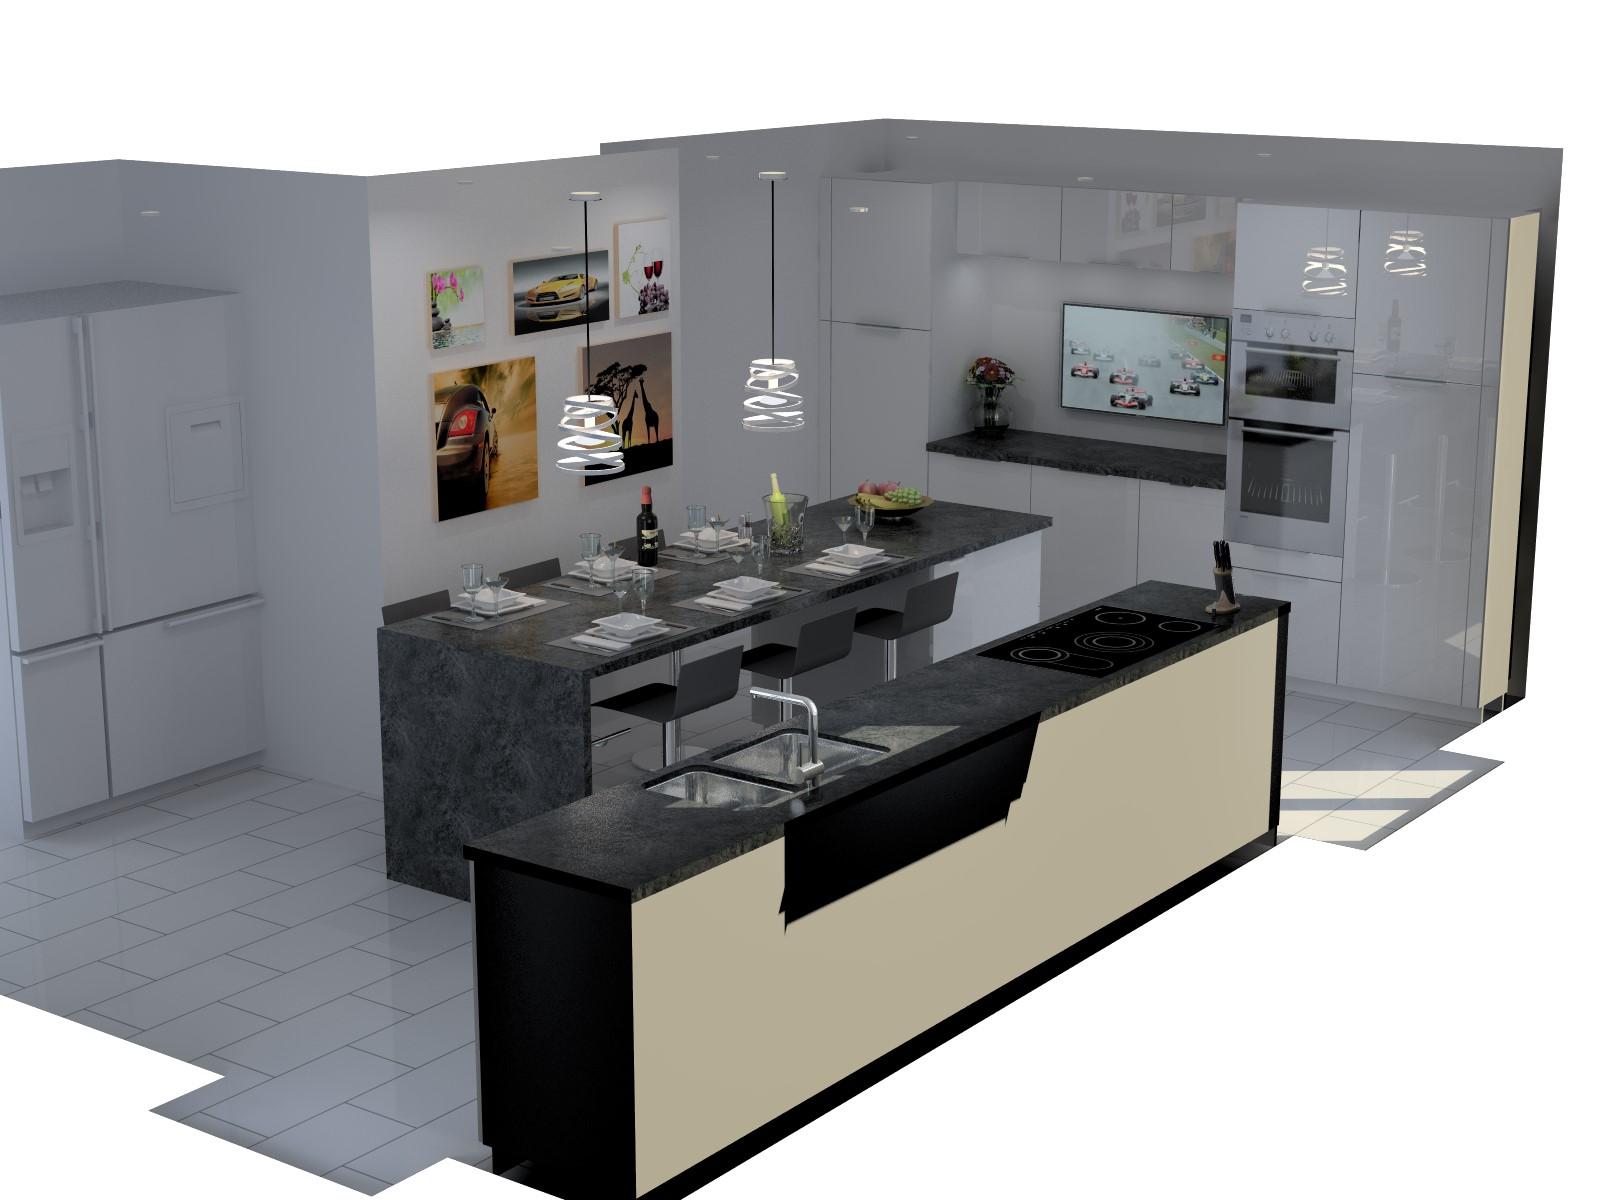 Projet cuisine 3d trendy projet cuisine 3d with projet for Cuisine projet